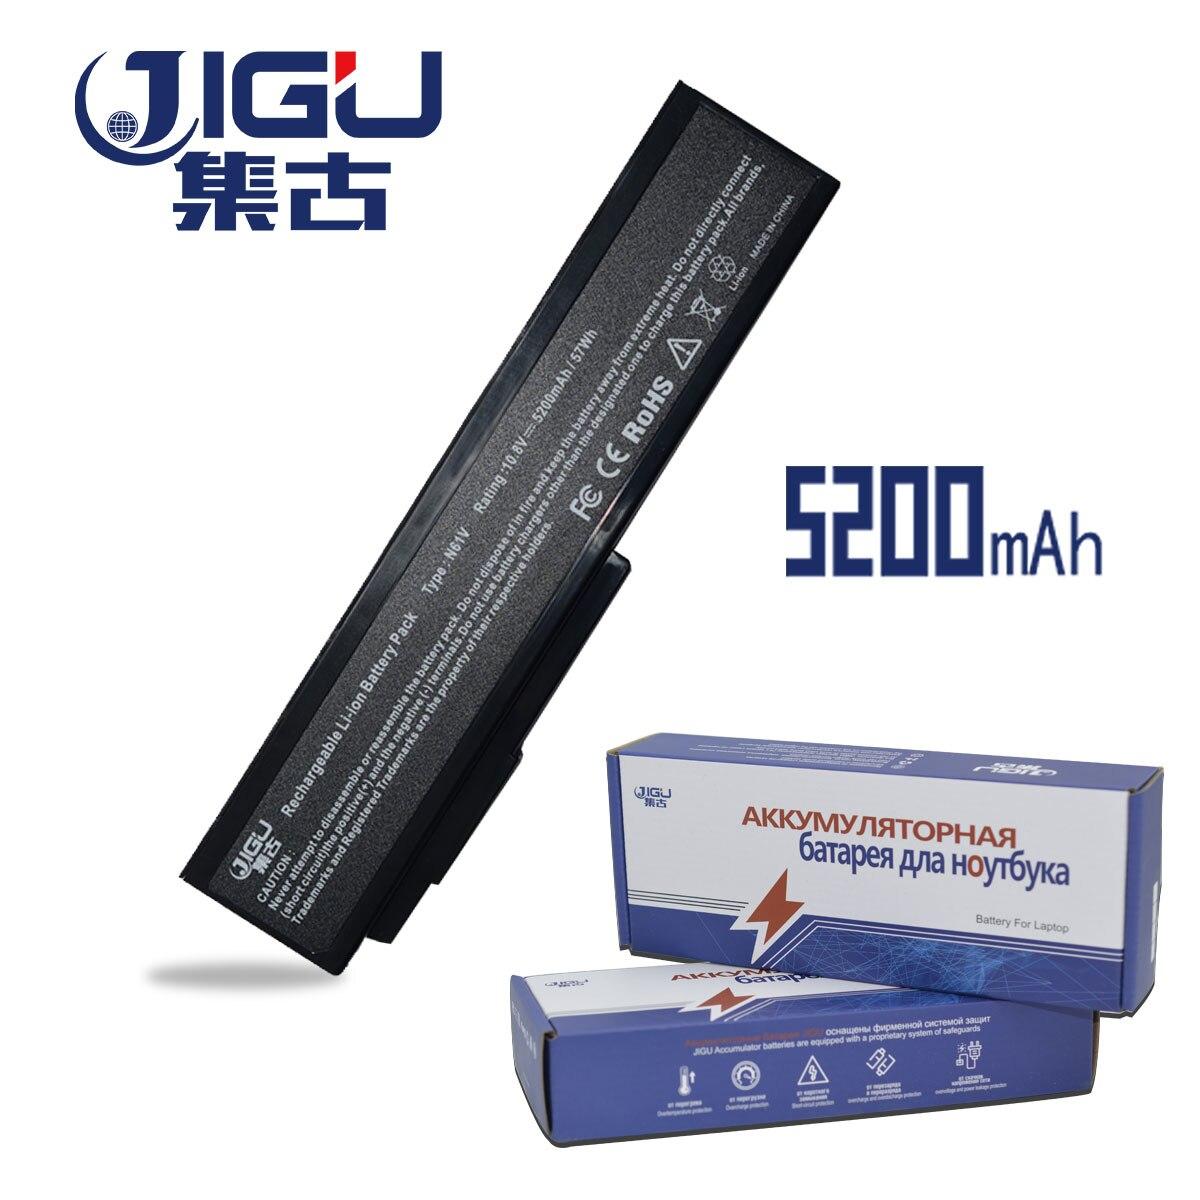 JIGU Batterie D'ordinateur Portable Pour Asus N61J N61Ja N61jq N61jv N61 N61D N53T N53J N53S M50 A32-N61 A32-M50 A33-M50